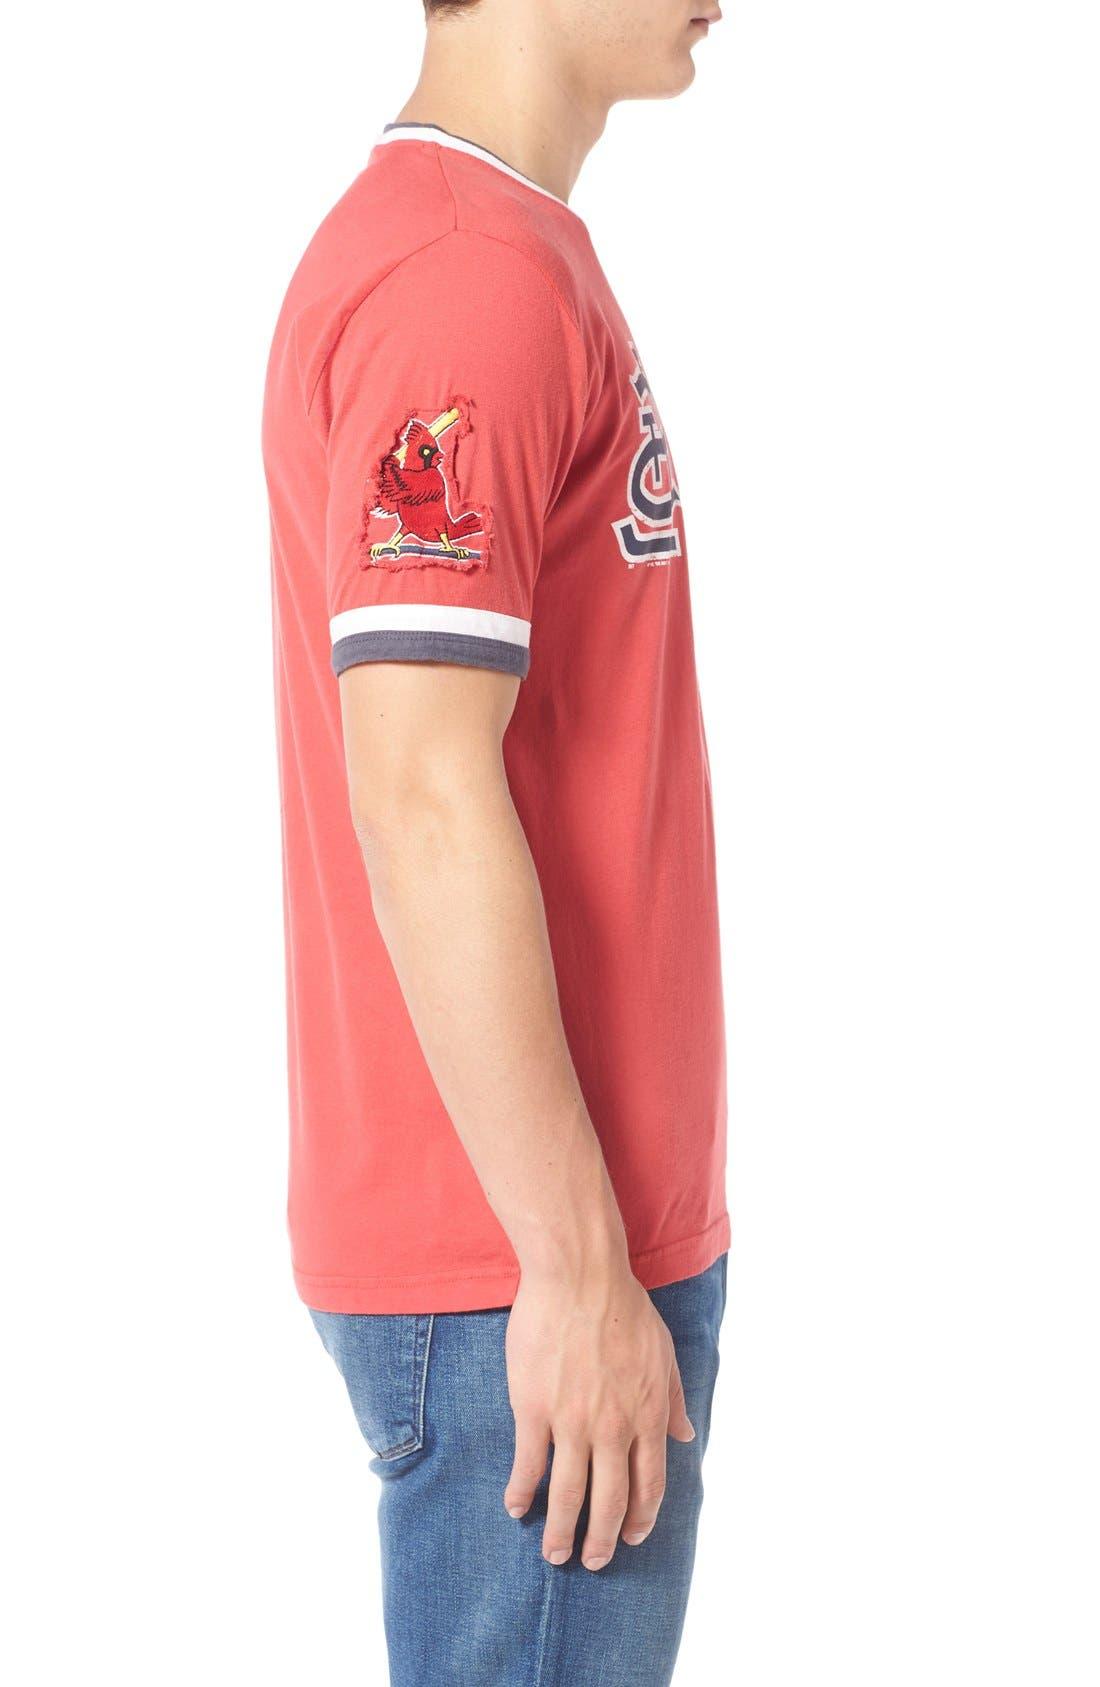 Alternate Image 3  - Red Jacket 'Saint Louis Cardinals - Remote Control' Trim Fit T-Shirt